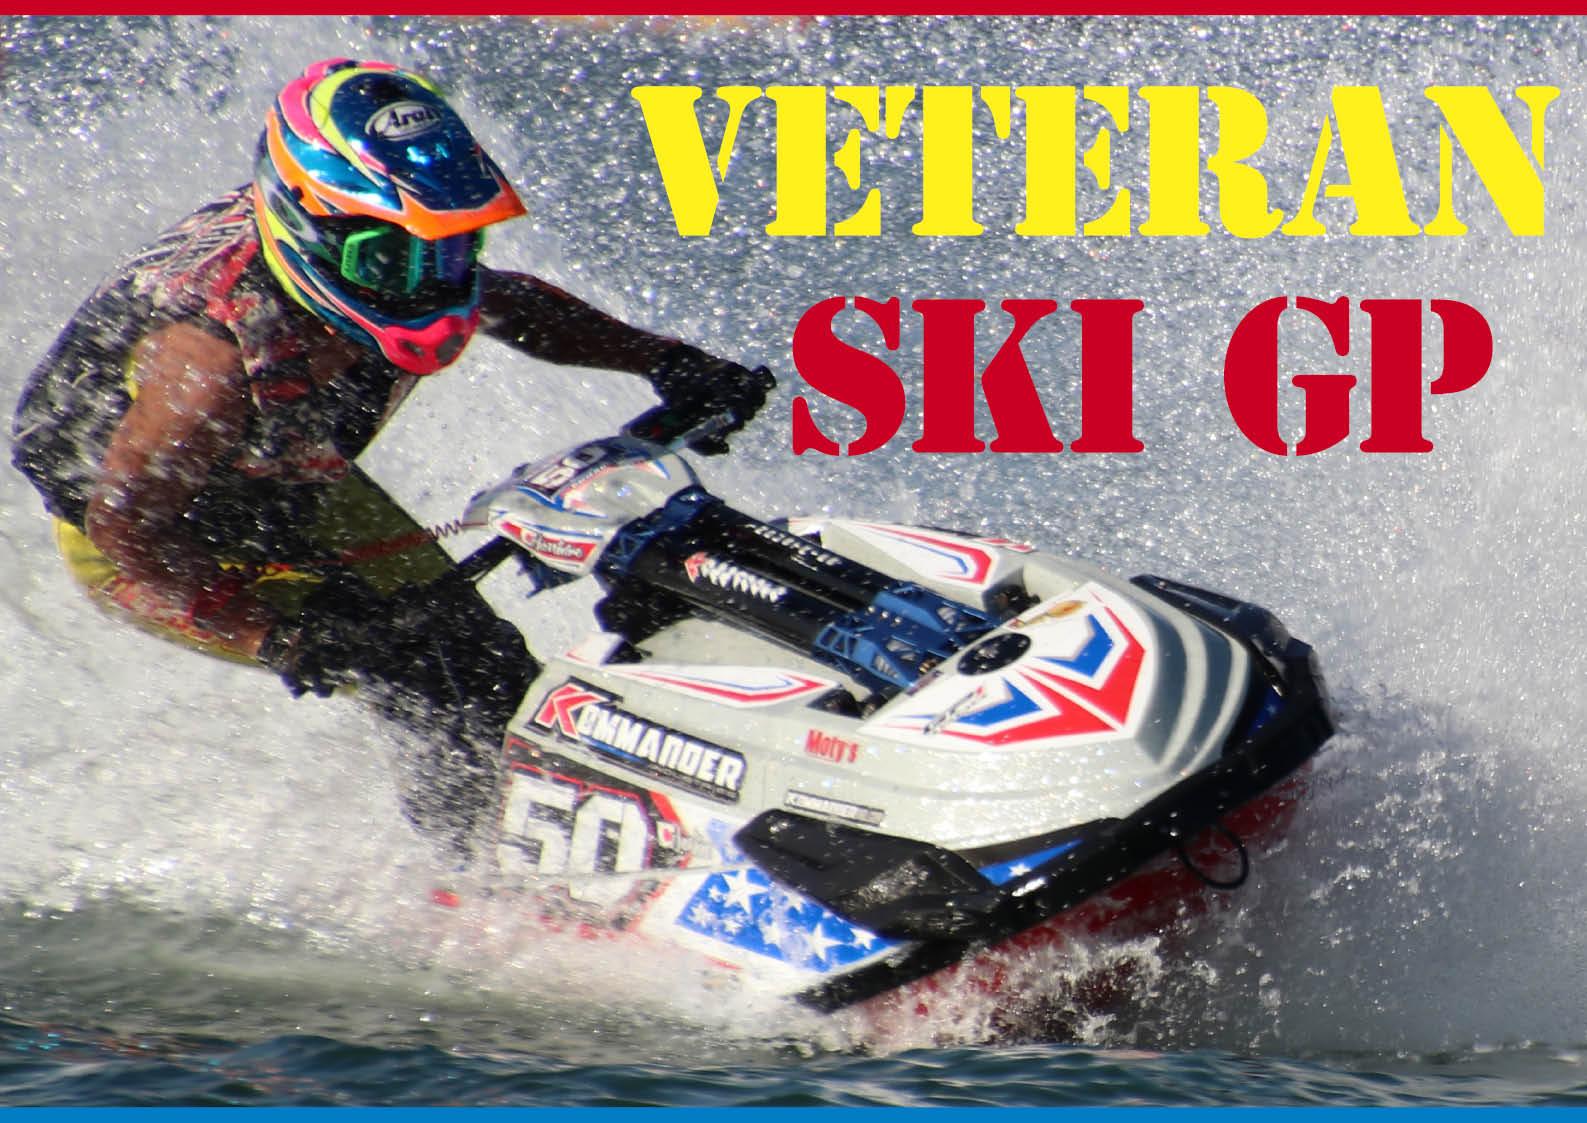 日本人で唯一の世界チャンピオン・ベテランズスキーGPクラス 2019年 ワールドファイナル ジェットスキー(水上バイク)のメジャーレース